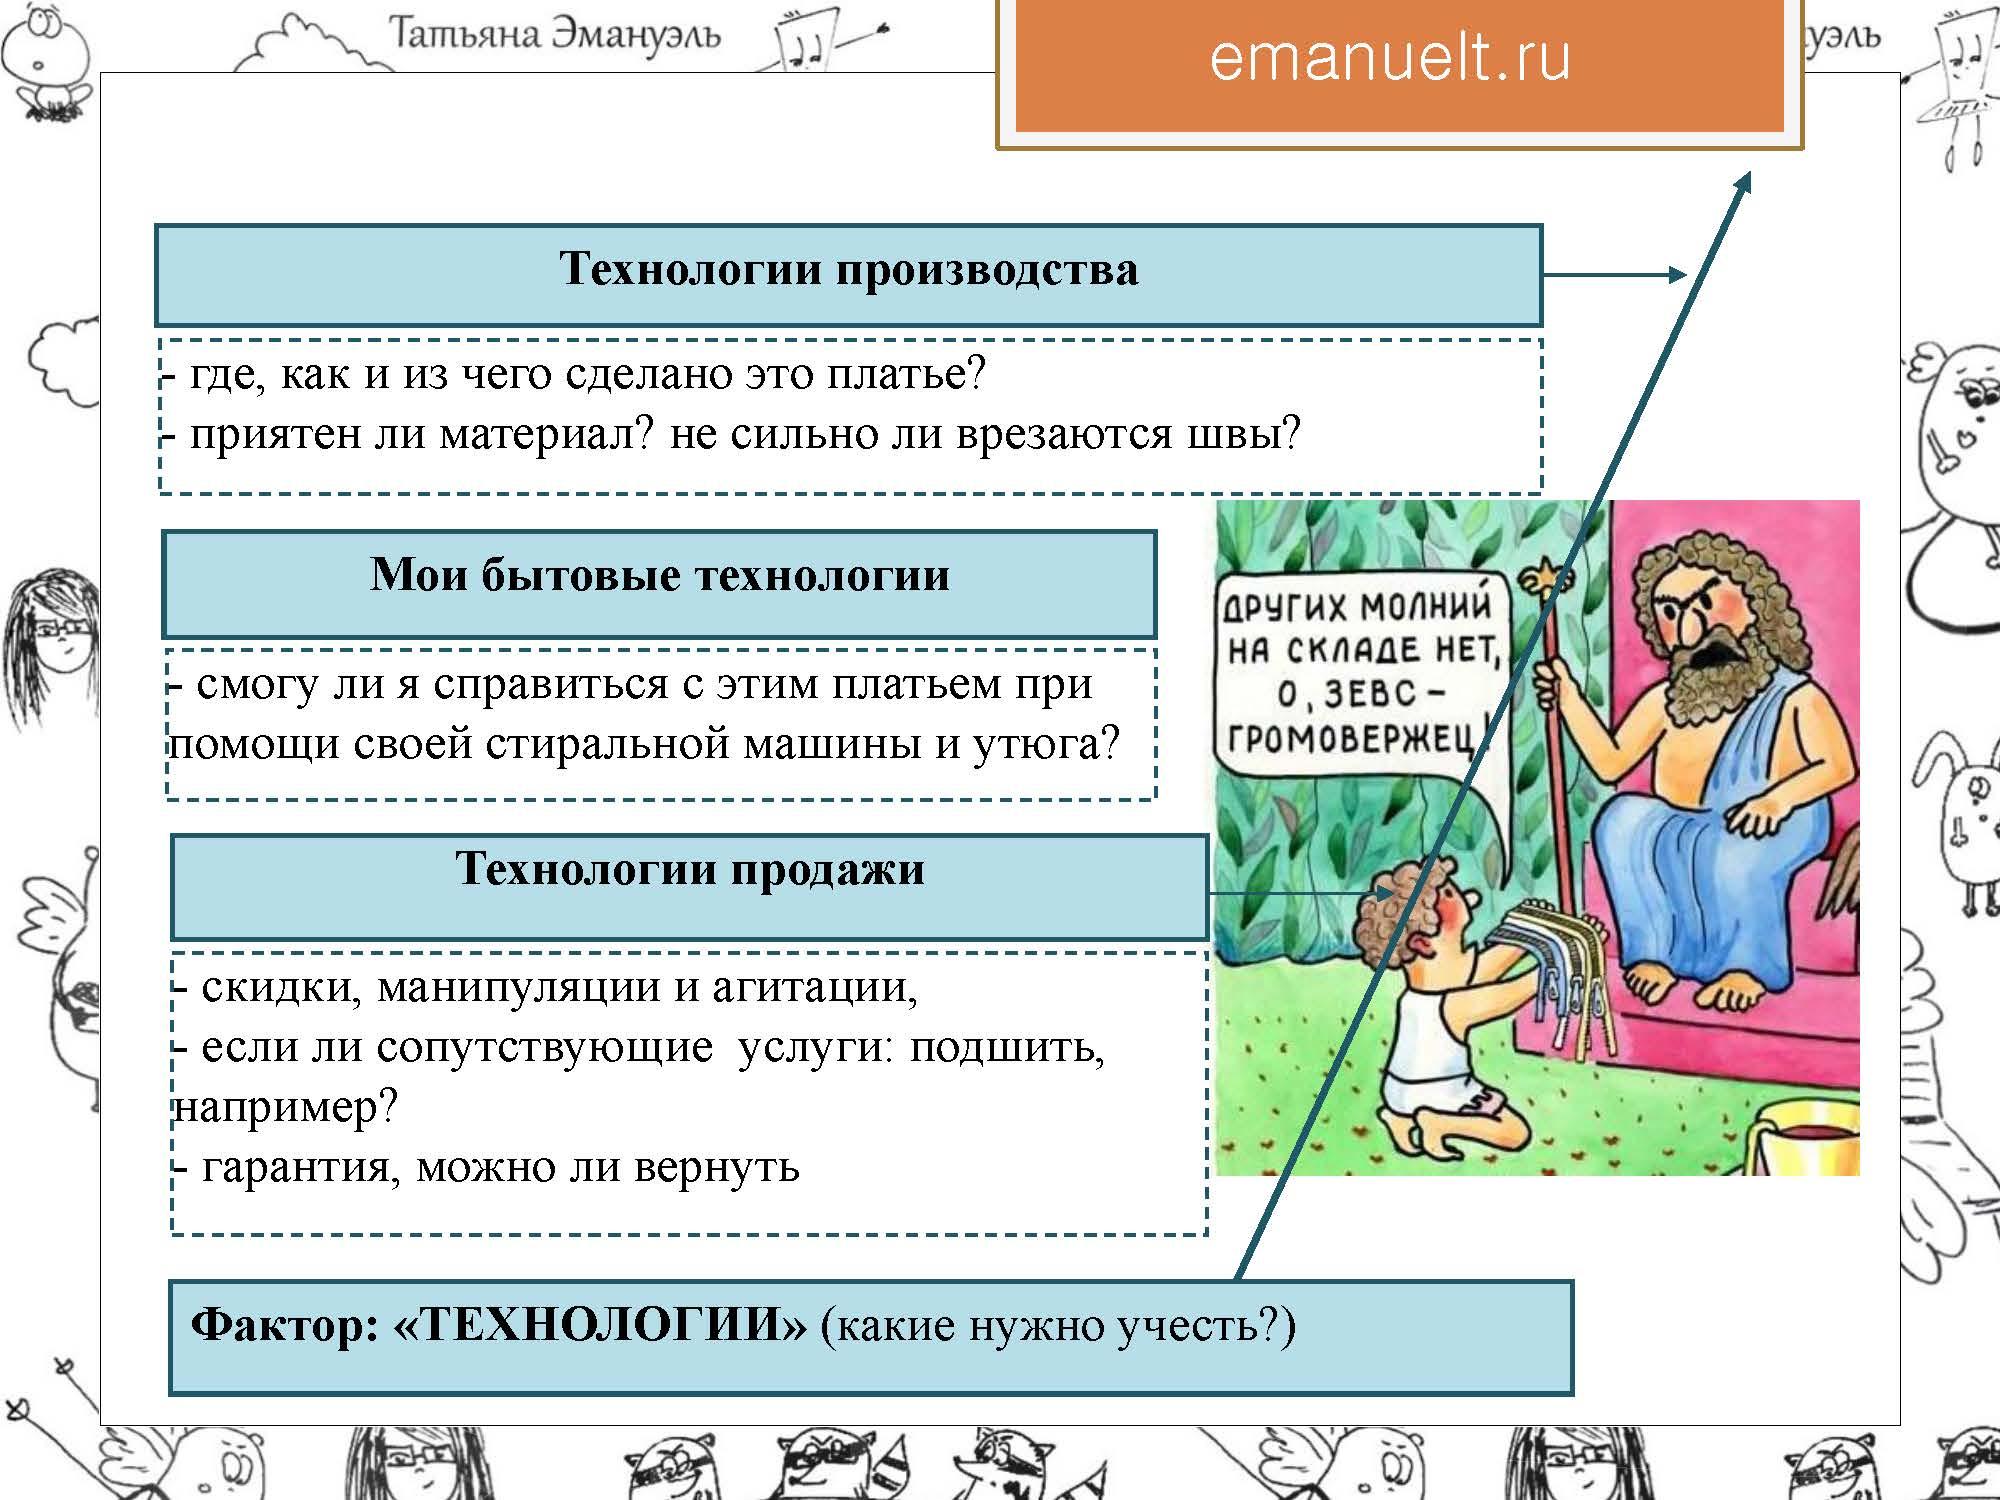 проектный эмануэль_Страница_26